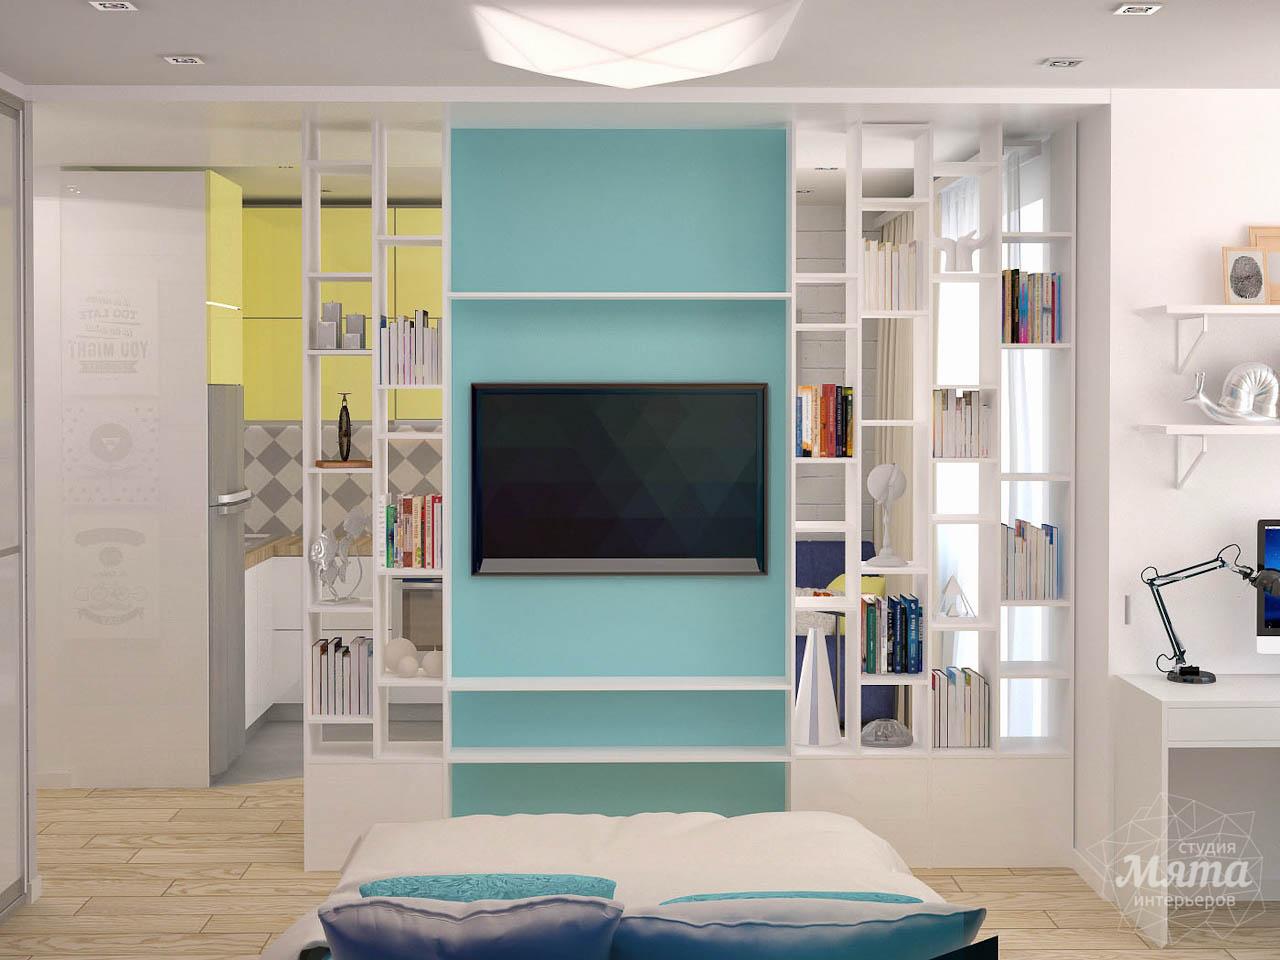 Дизайн интерьера и ремонт однокомнатной квартиры по ул. Сурикова 53а img1564140497